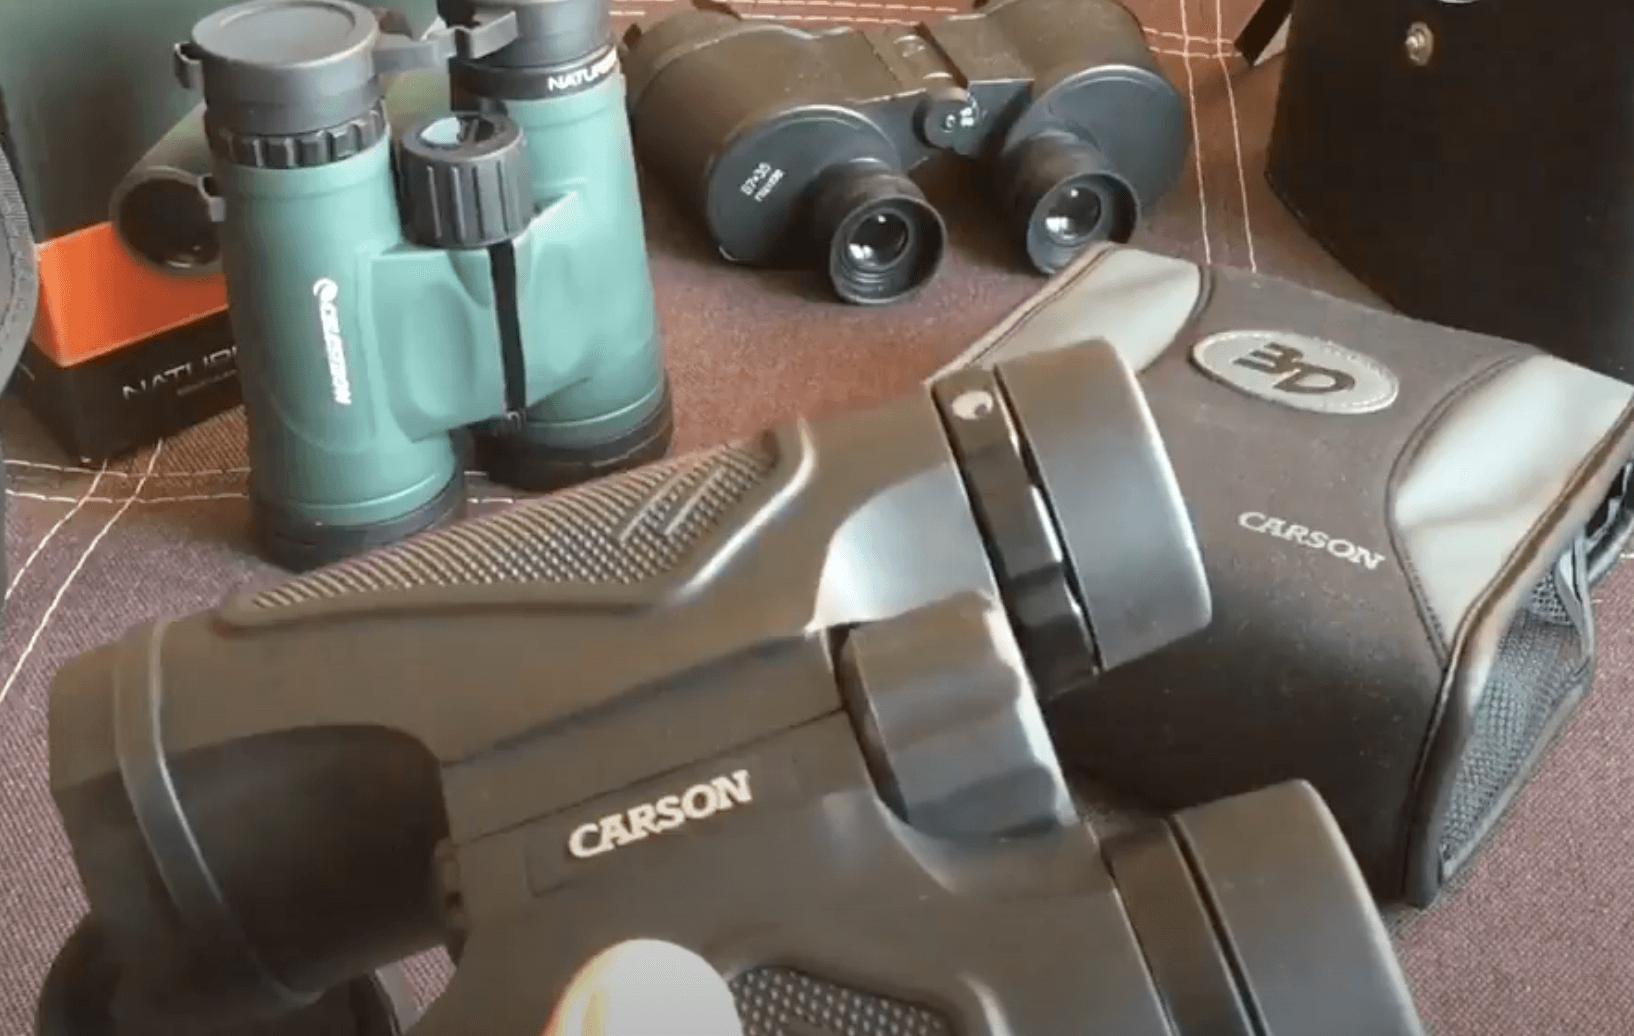 carson3D